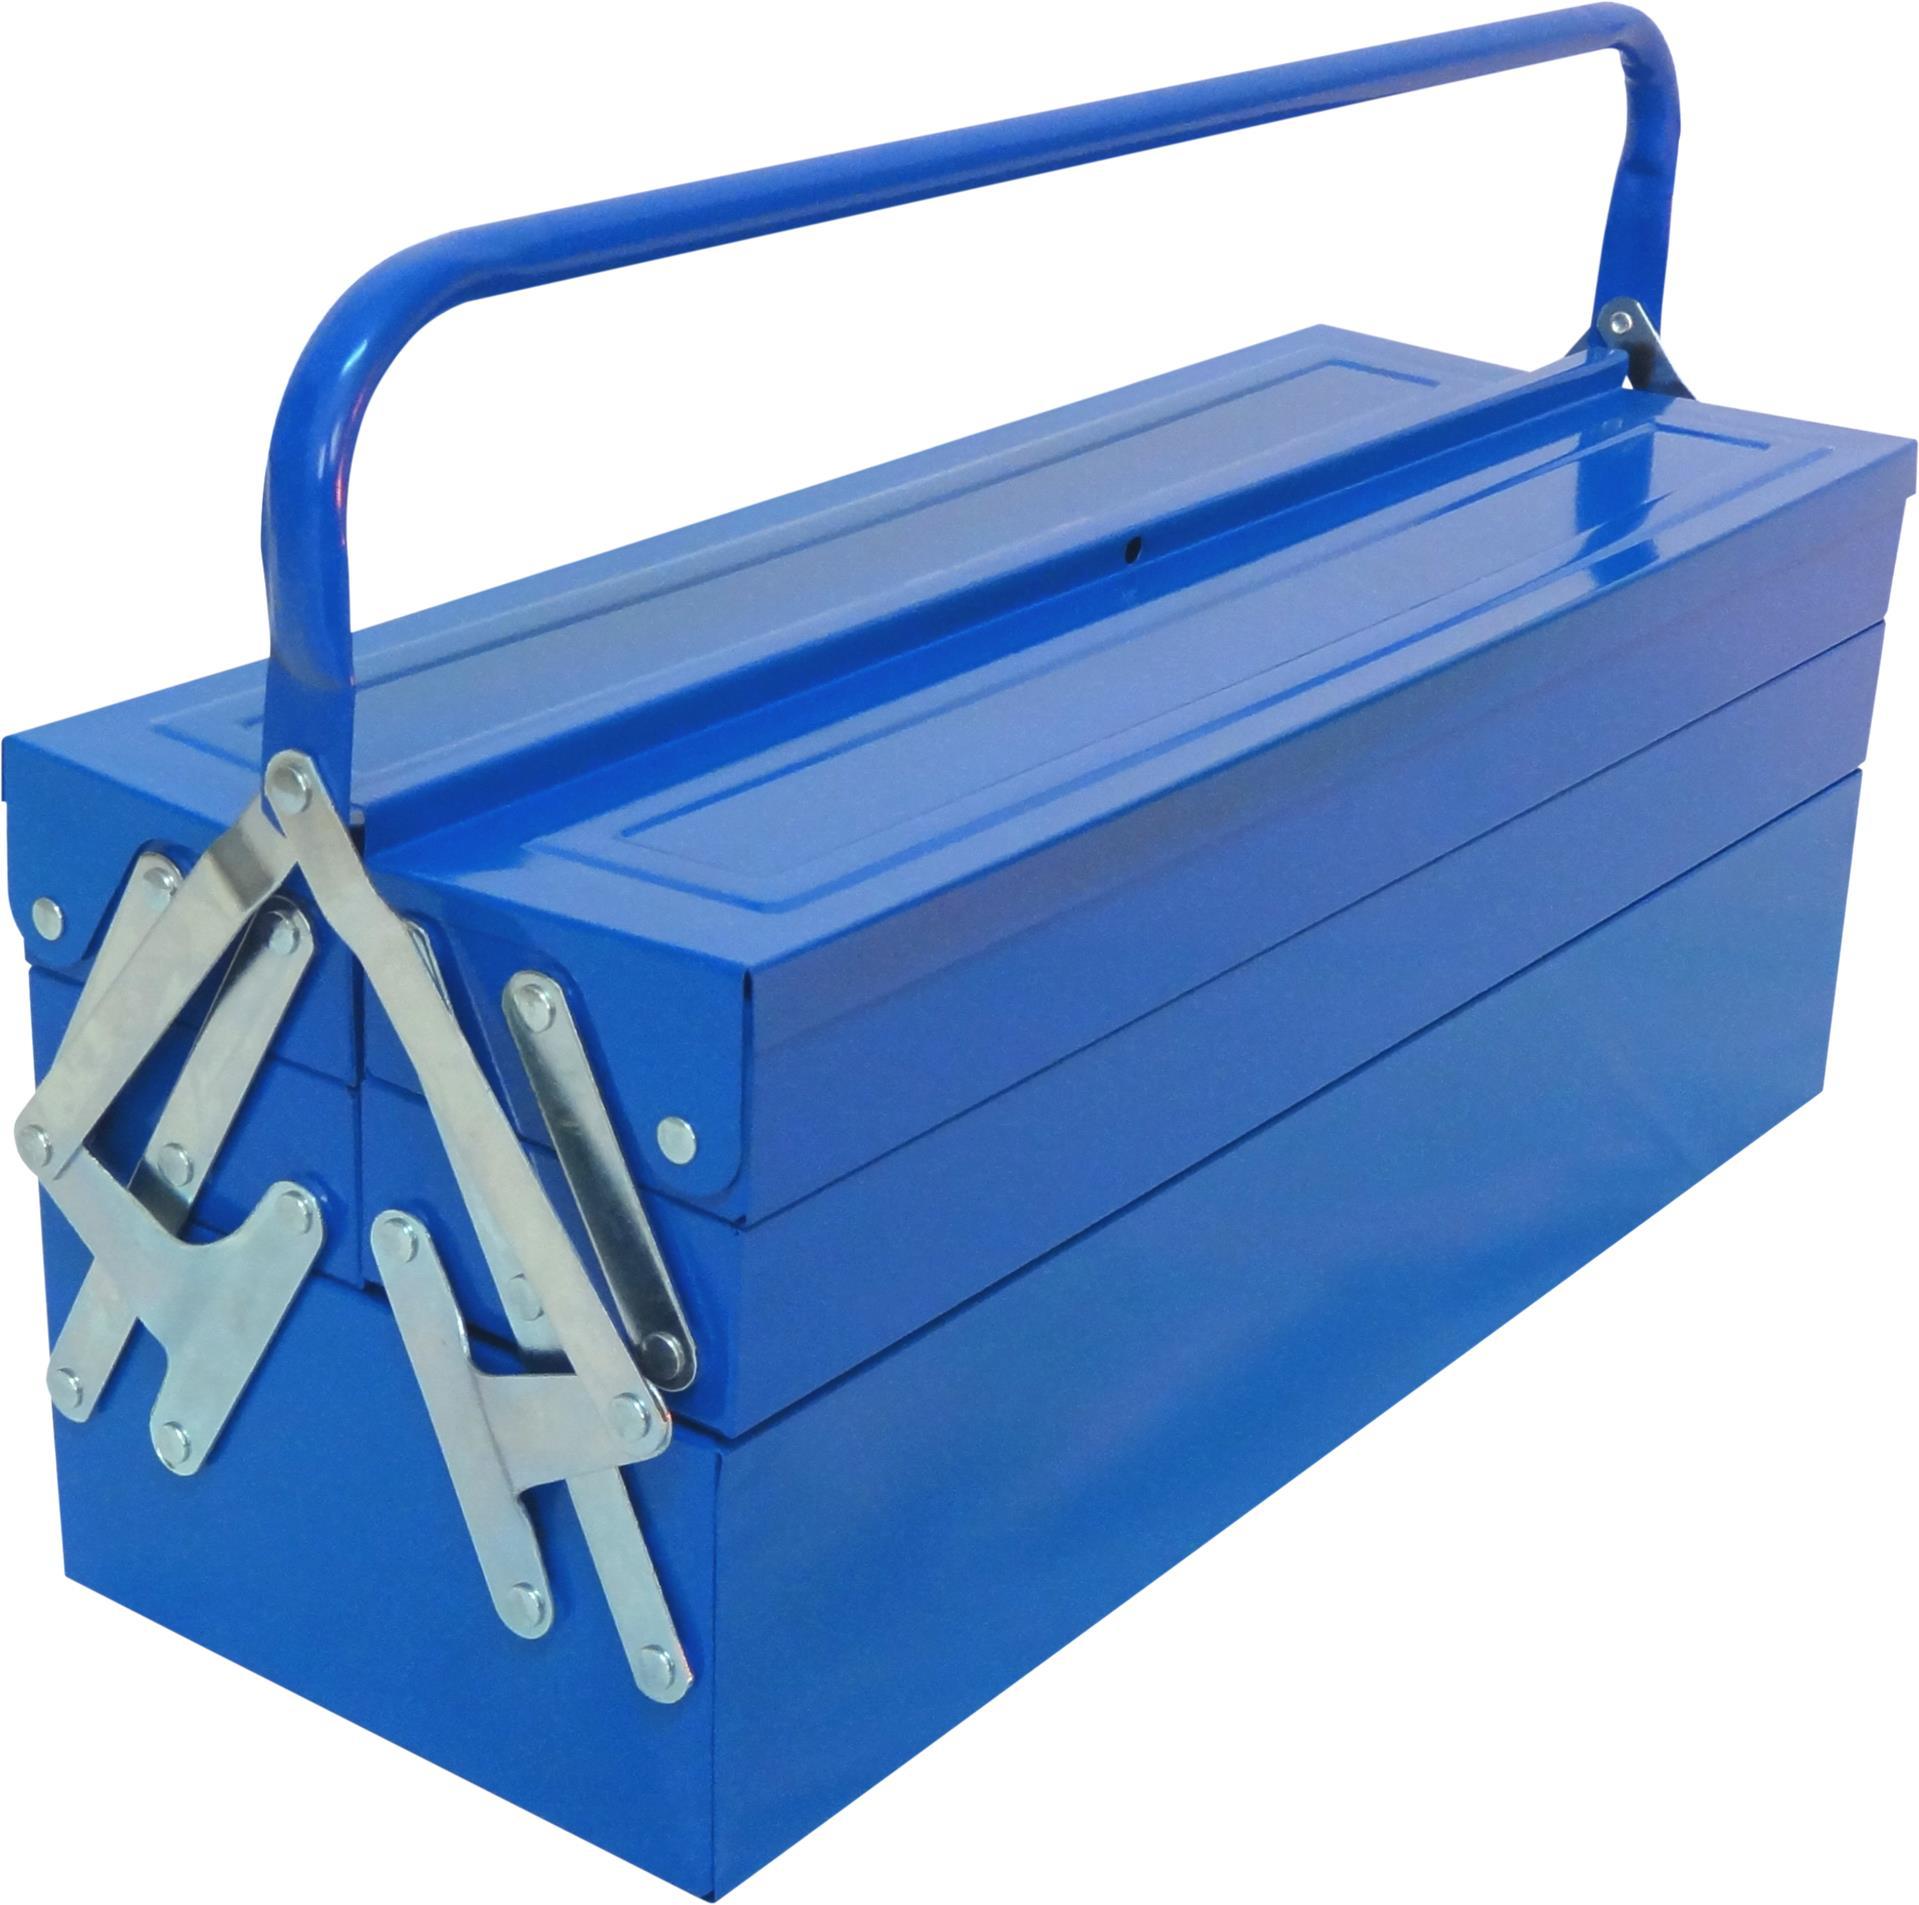 MADEIRA - Caixa de ferramentas MADER METÁLICA 465X200X200